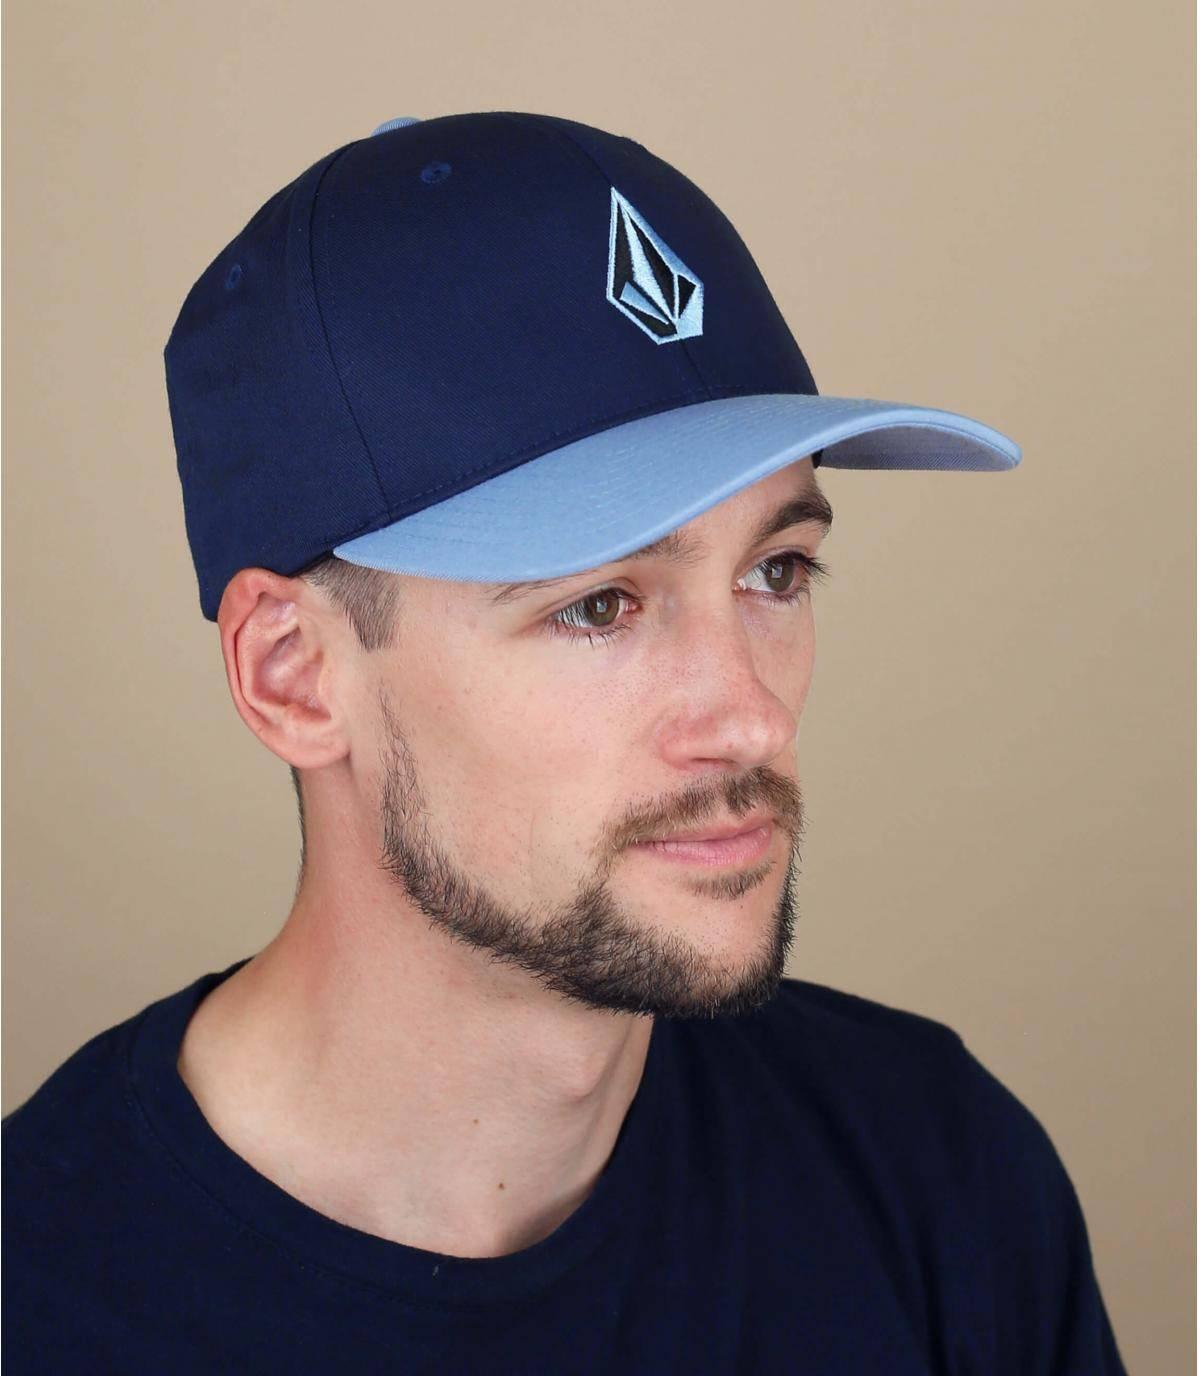 casquette Volcom bleu